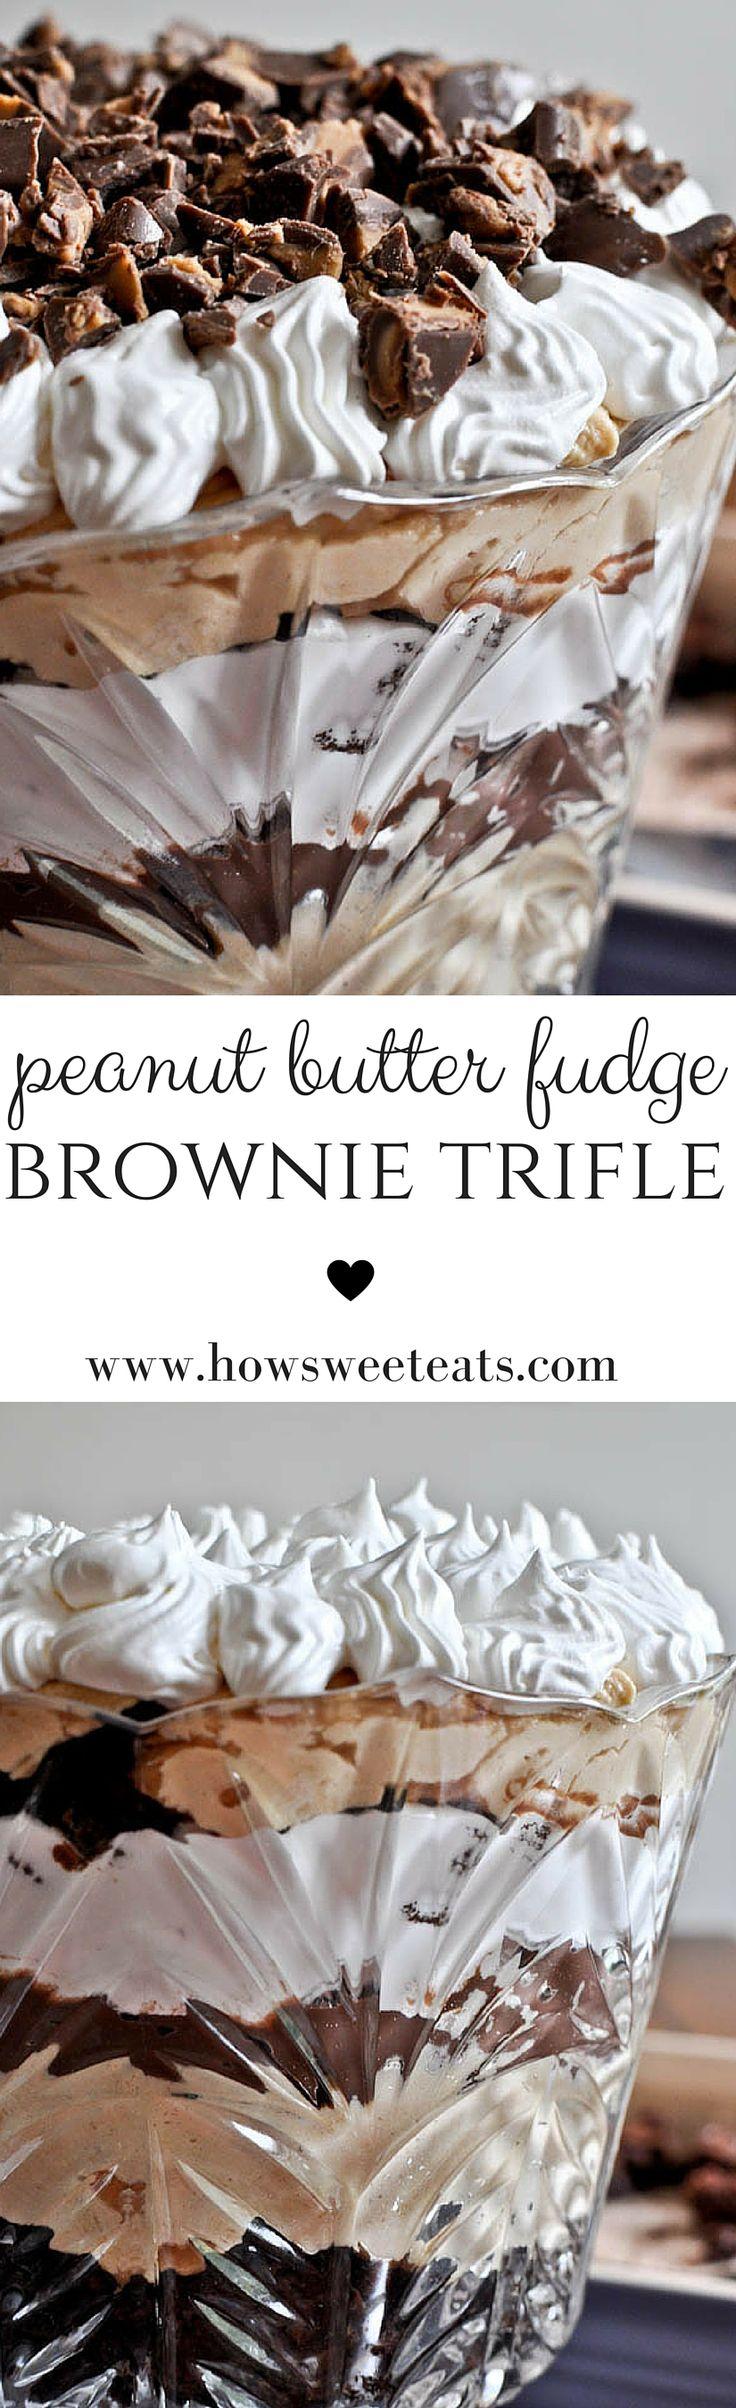 Peanut Butter Fudge Brownie Trifle. An alternative Thanksgiving dessert! I howsweeteats.com @howsweeteats (Peanut Butter Brownies)